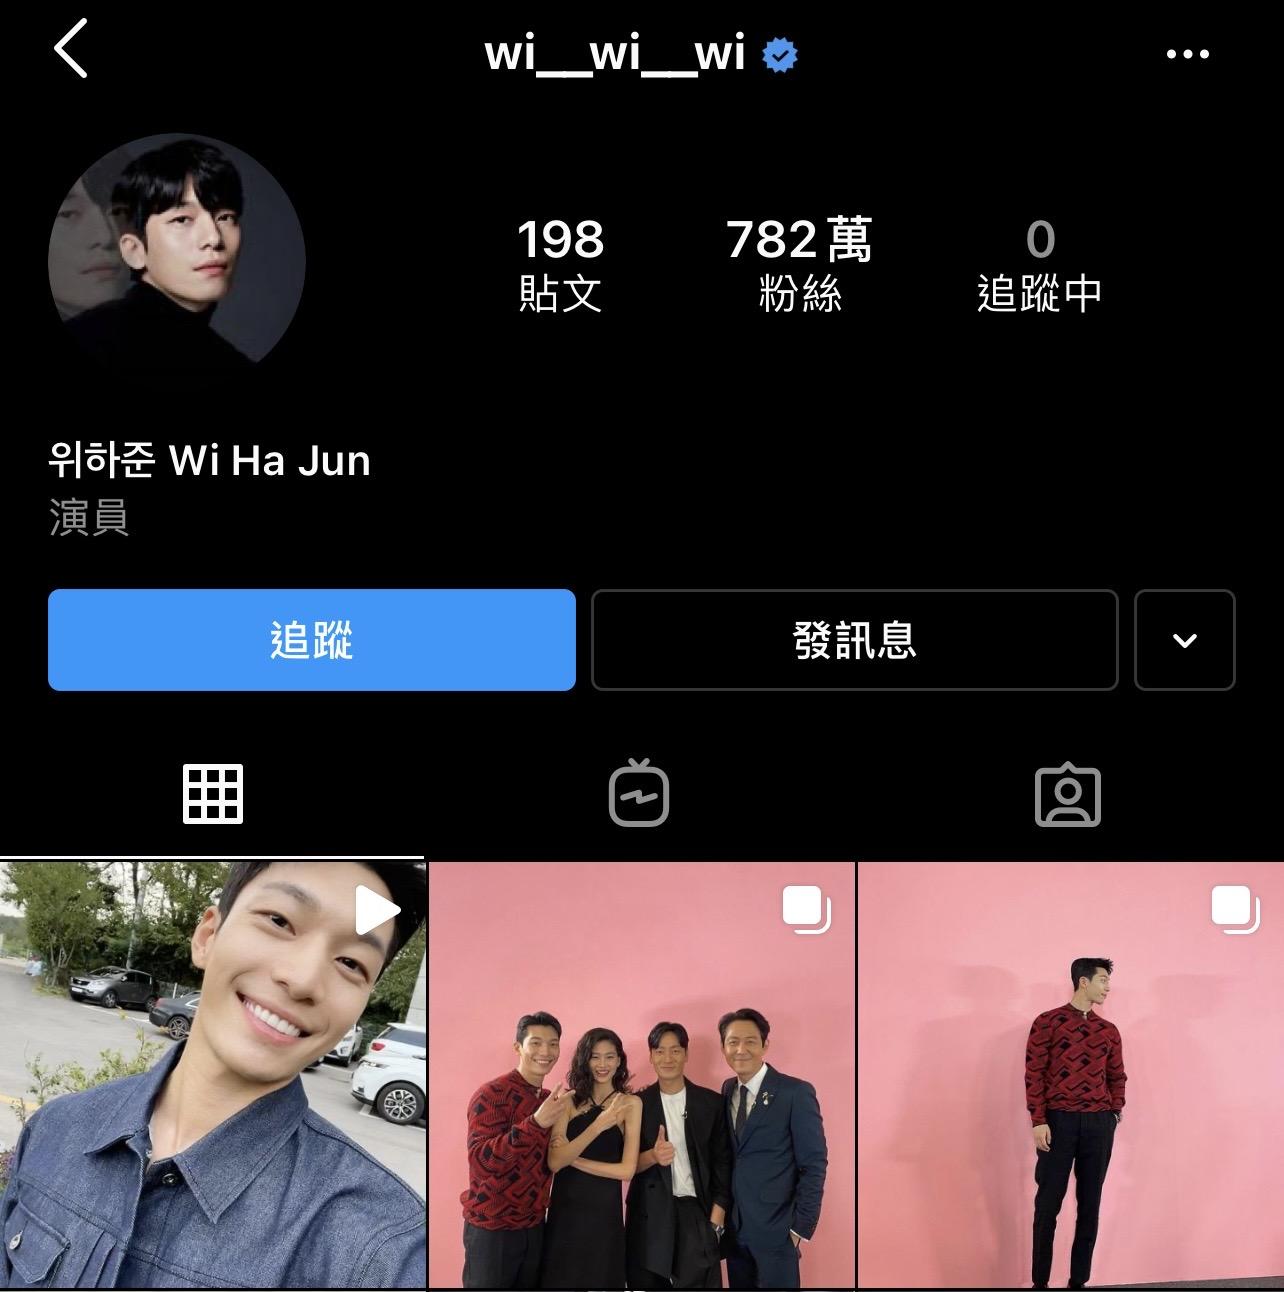 黃俊昊(魏河俊)Instagram